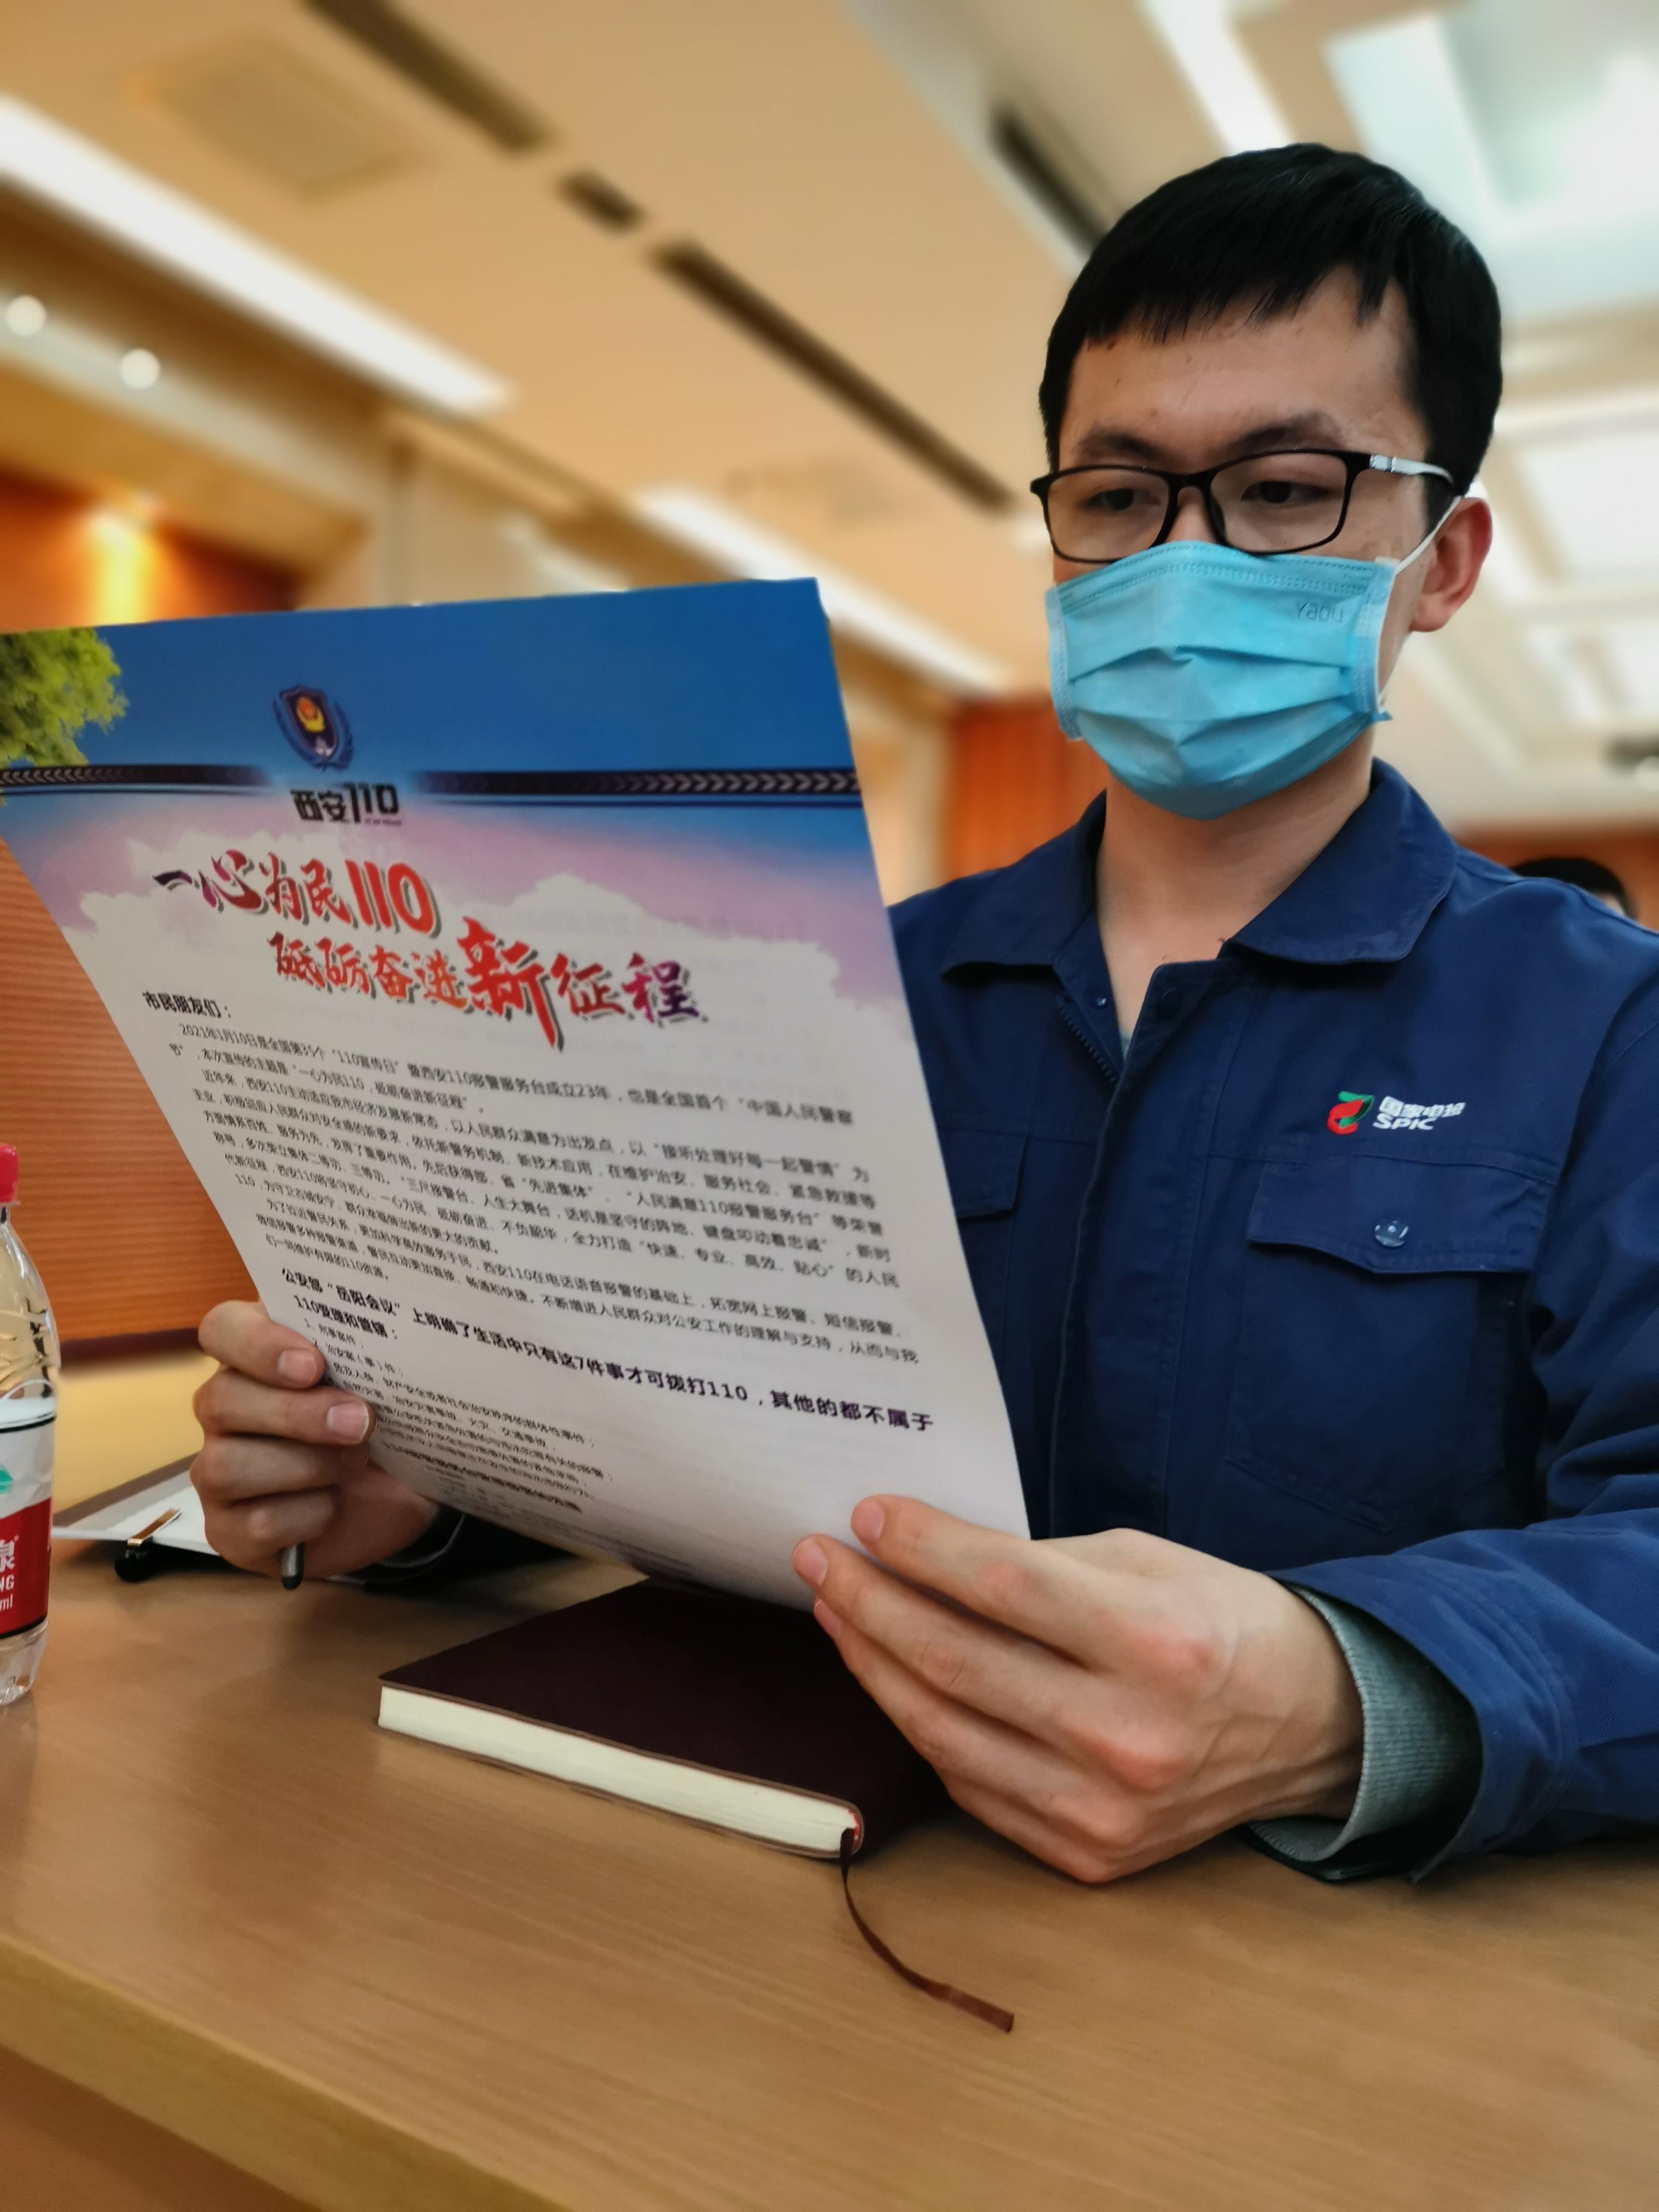 警察节 守平安丨西安公交分局走进企业宣讲安全防范知识